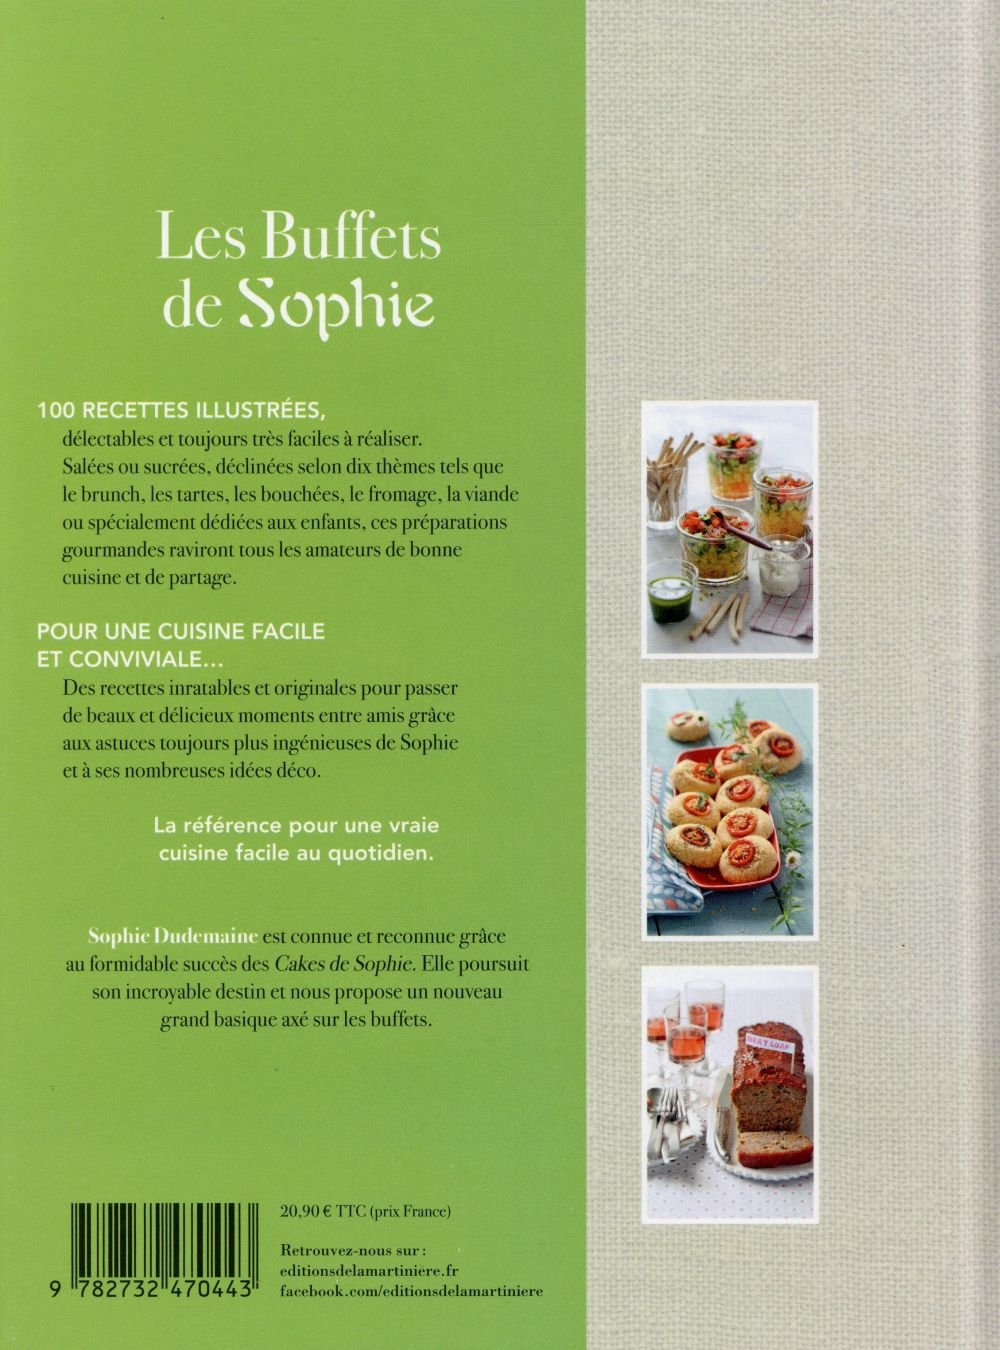 Les buffets